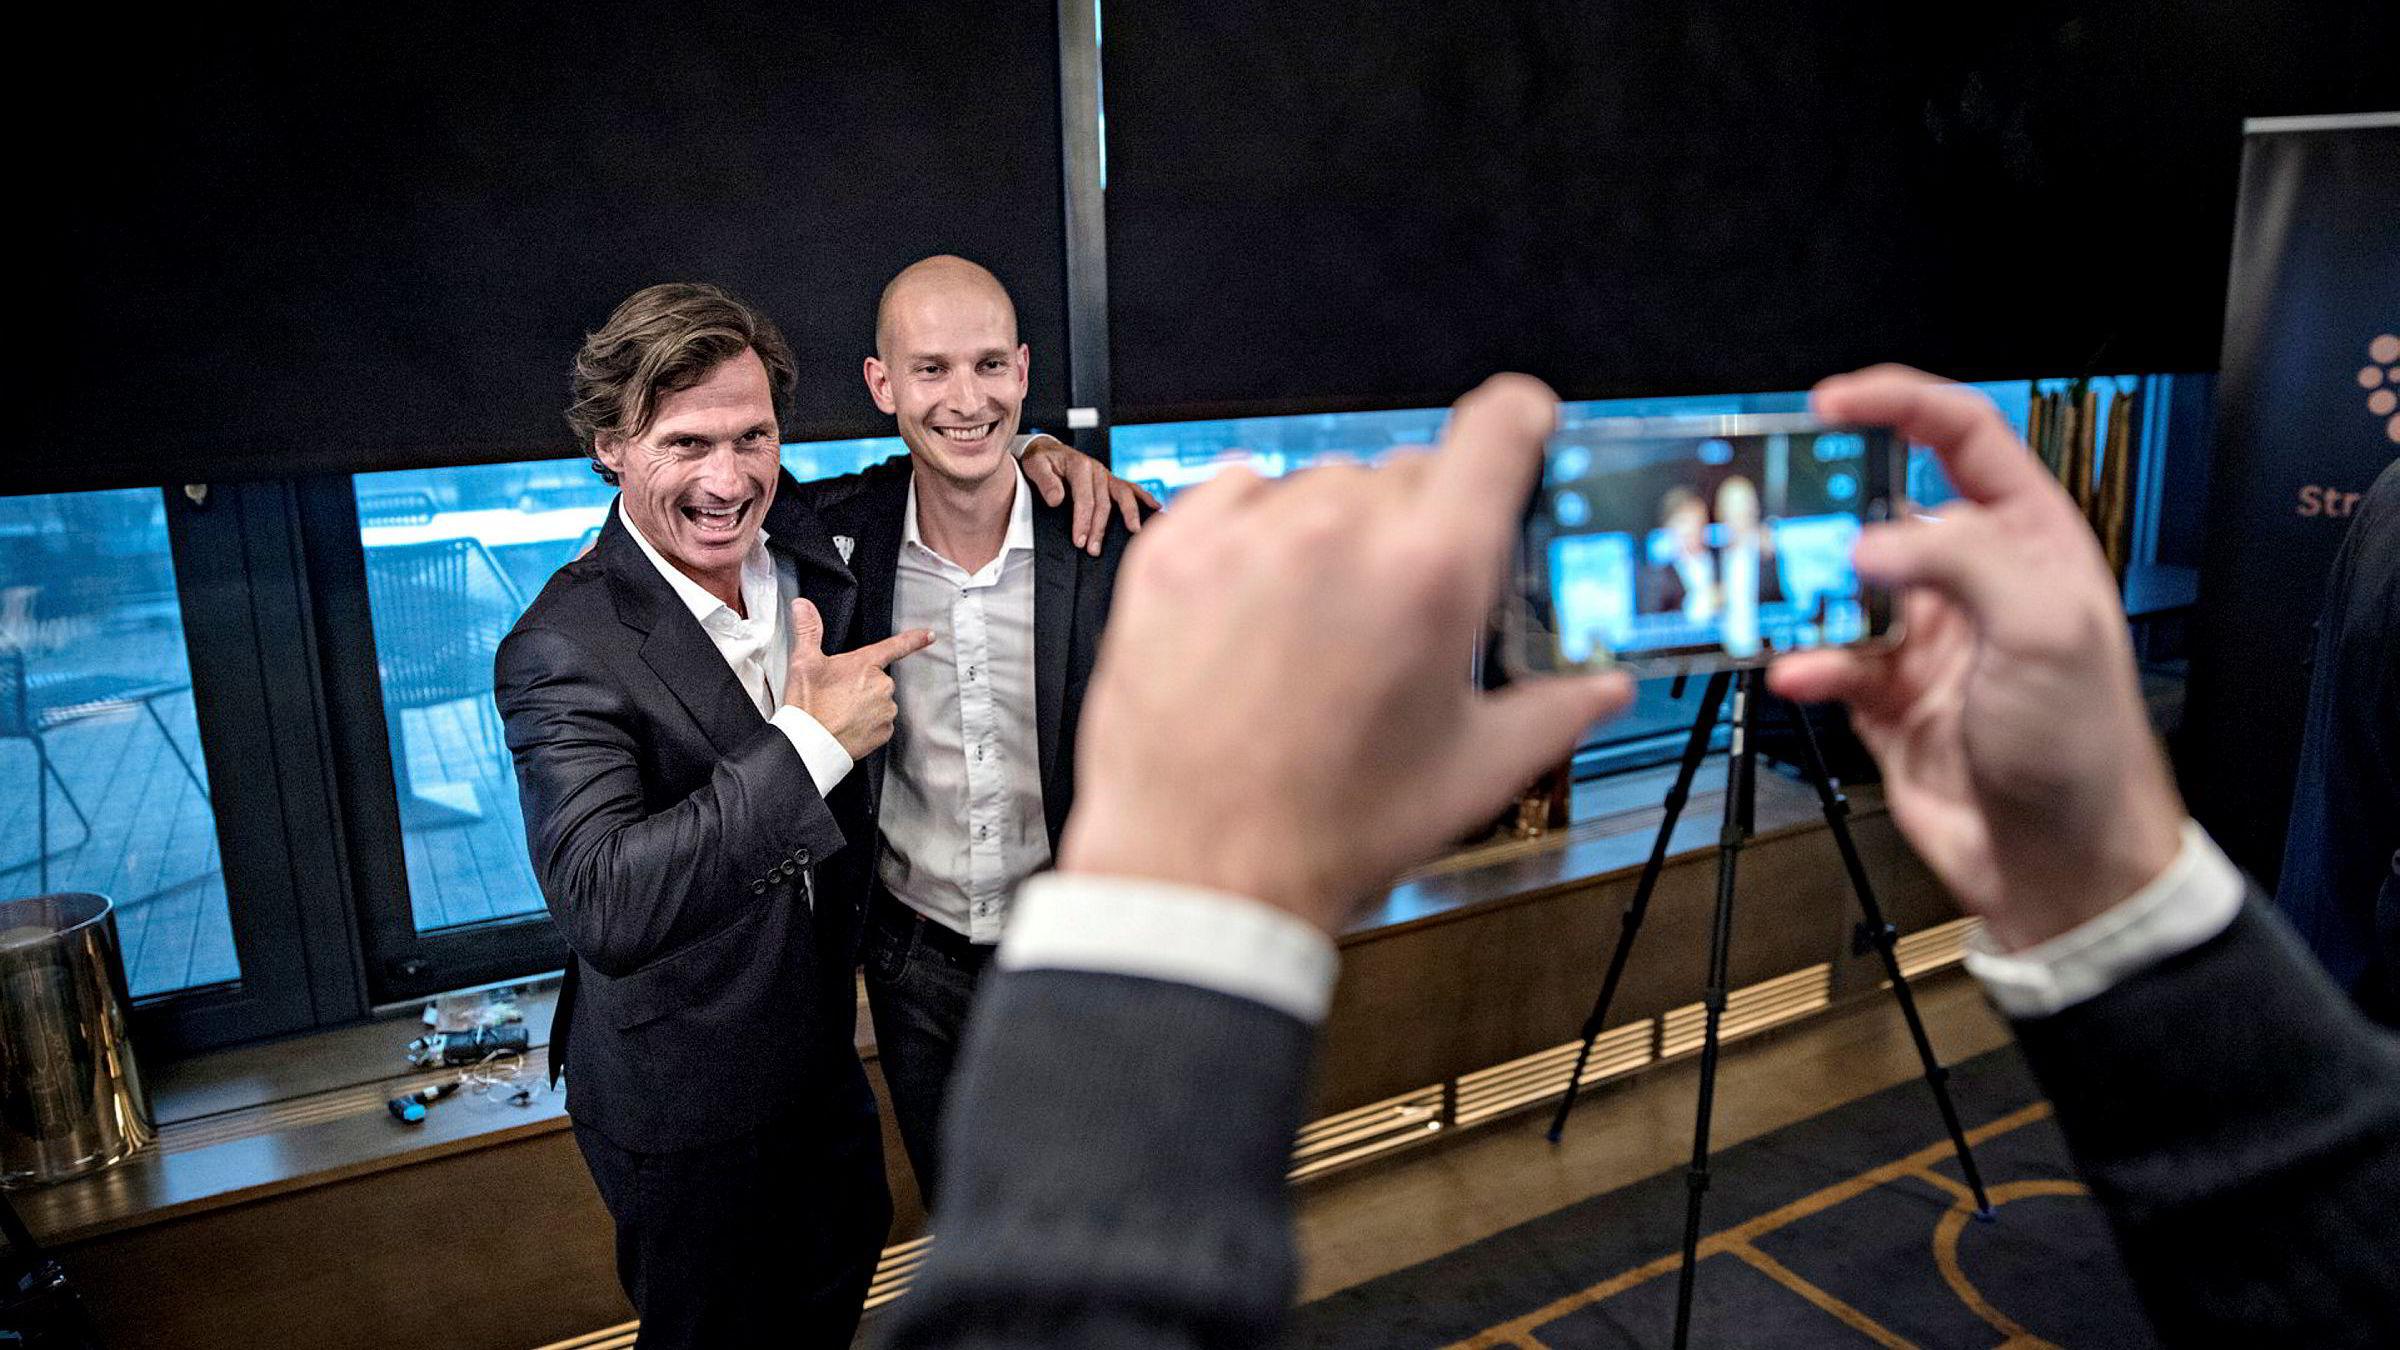 Petter Stordalen er fremdeles blant de største aksjonærene i Tibber, fire år etter at Edgeir Vårdal Aksnes og hans partner vant Stordalens gründerkonkurranse. Nå opplever Stordalen tøffe tider, mens Tibber vokser kraftig.